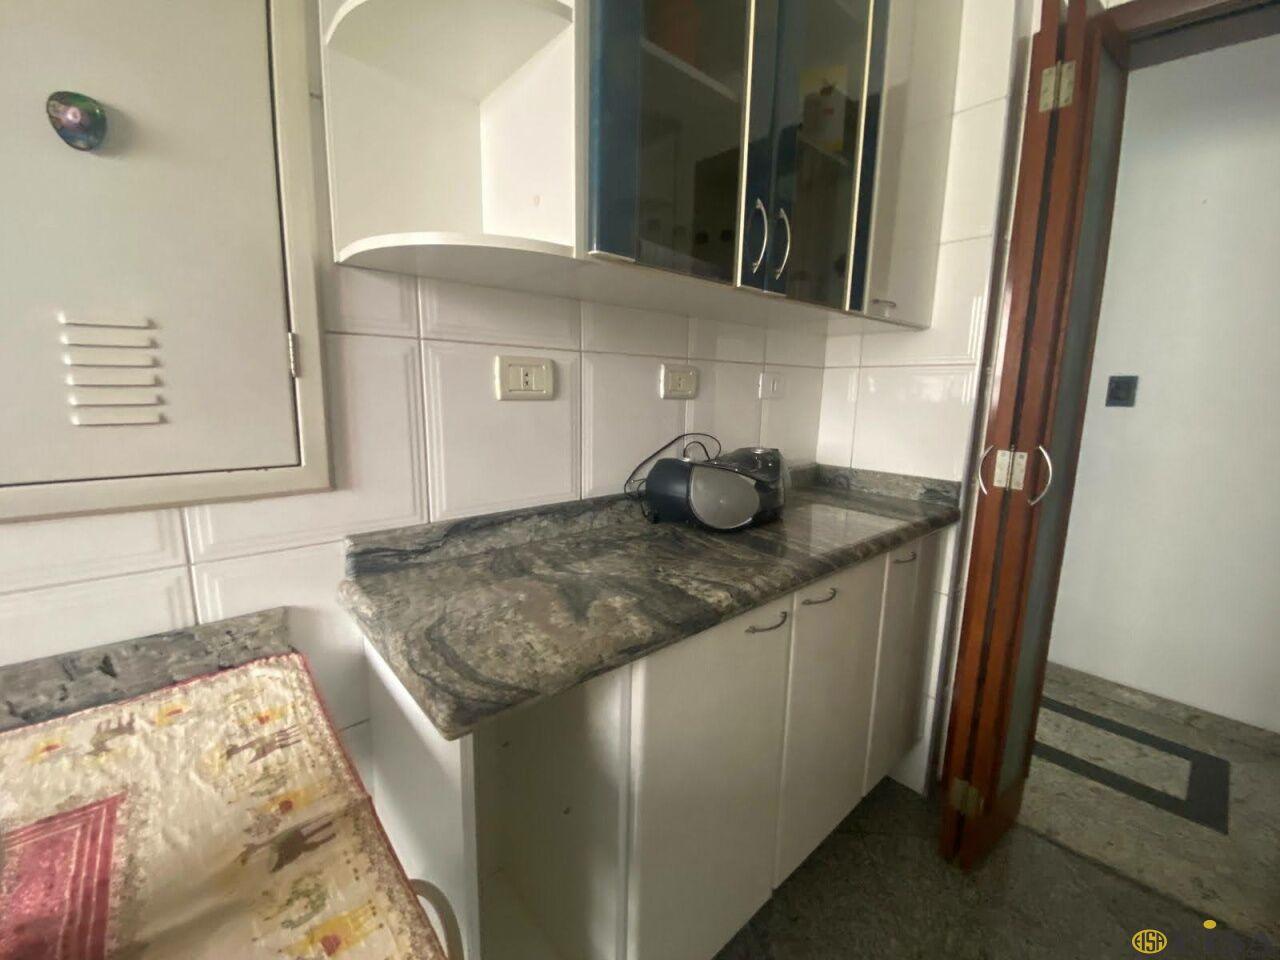 VENDA | APARTAMENTO - Vila Nova Cachoeirinha - 3 dormitórios - 2 Vagas - 127m² - CÓD:ET3354